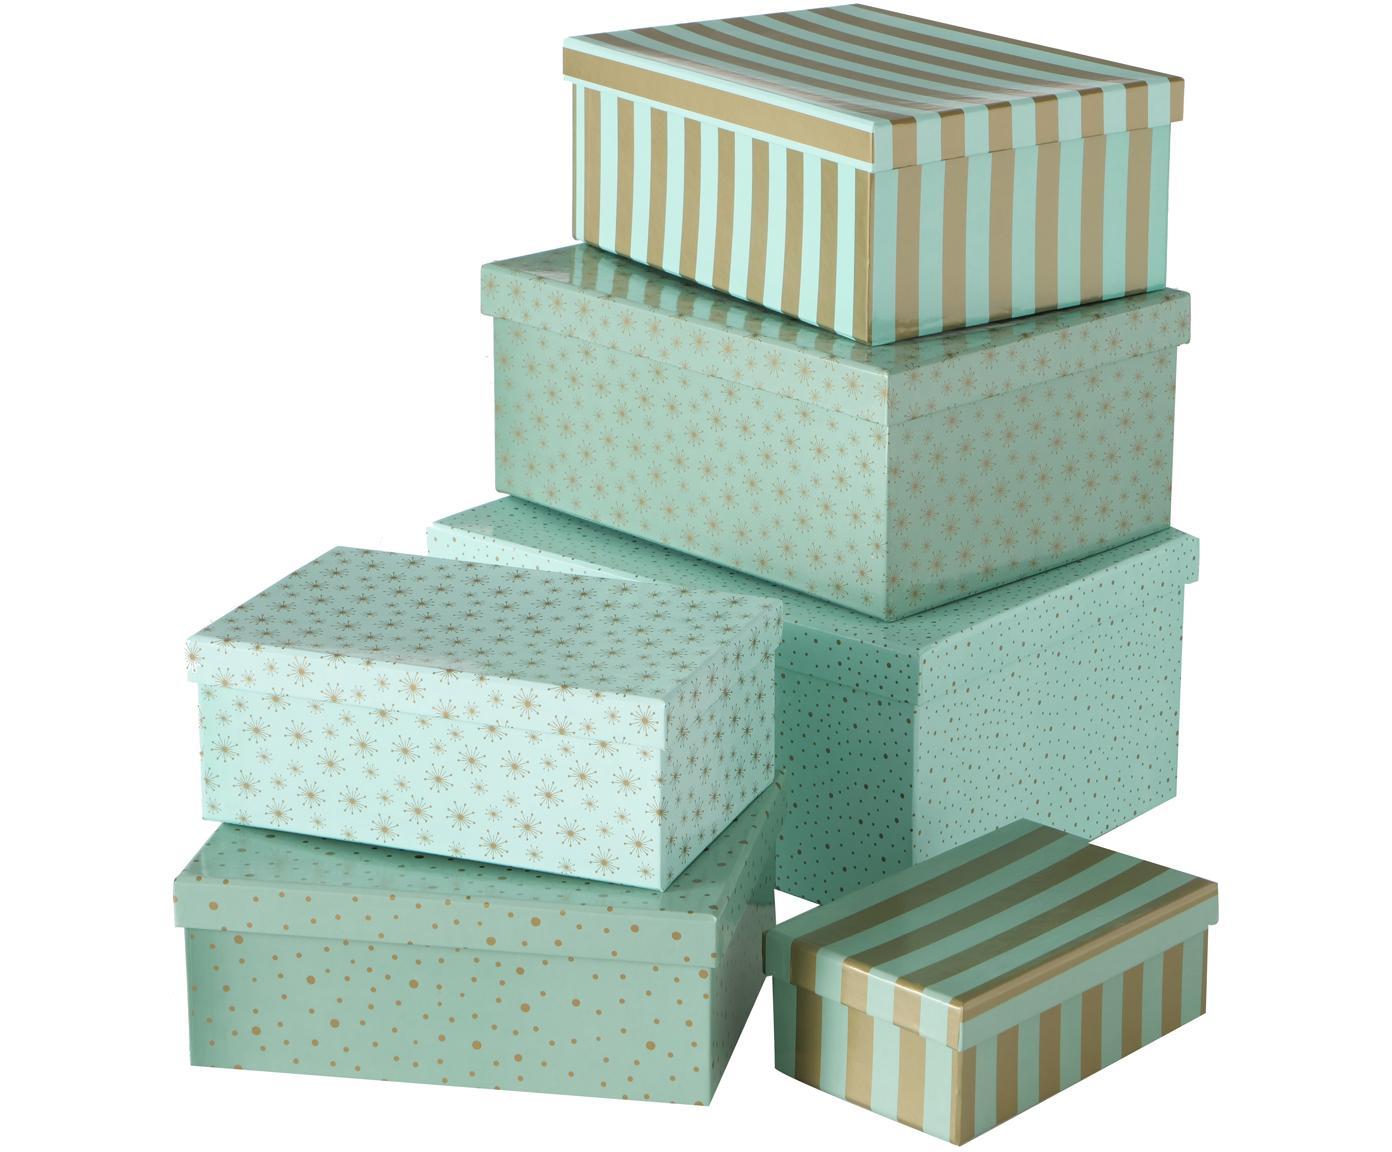 Geschenkbox-Set Marit, 6-tlg., Papier, Türkis, Goldfarben, Verschiedene Grössen